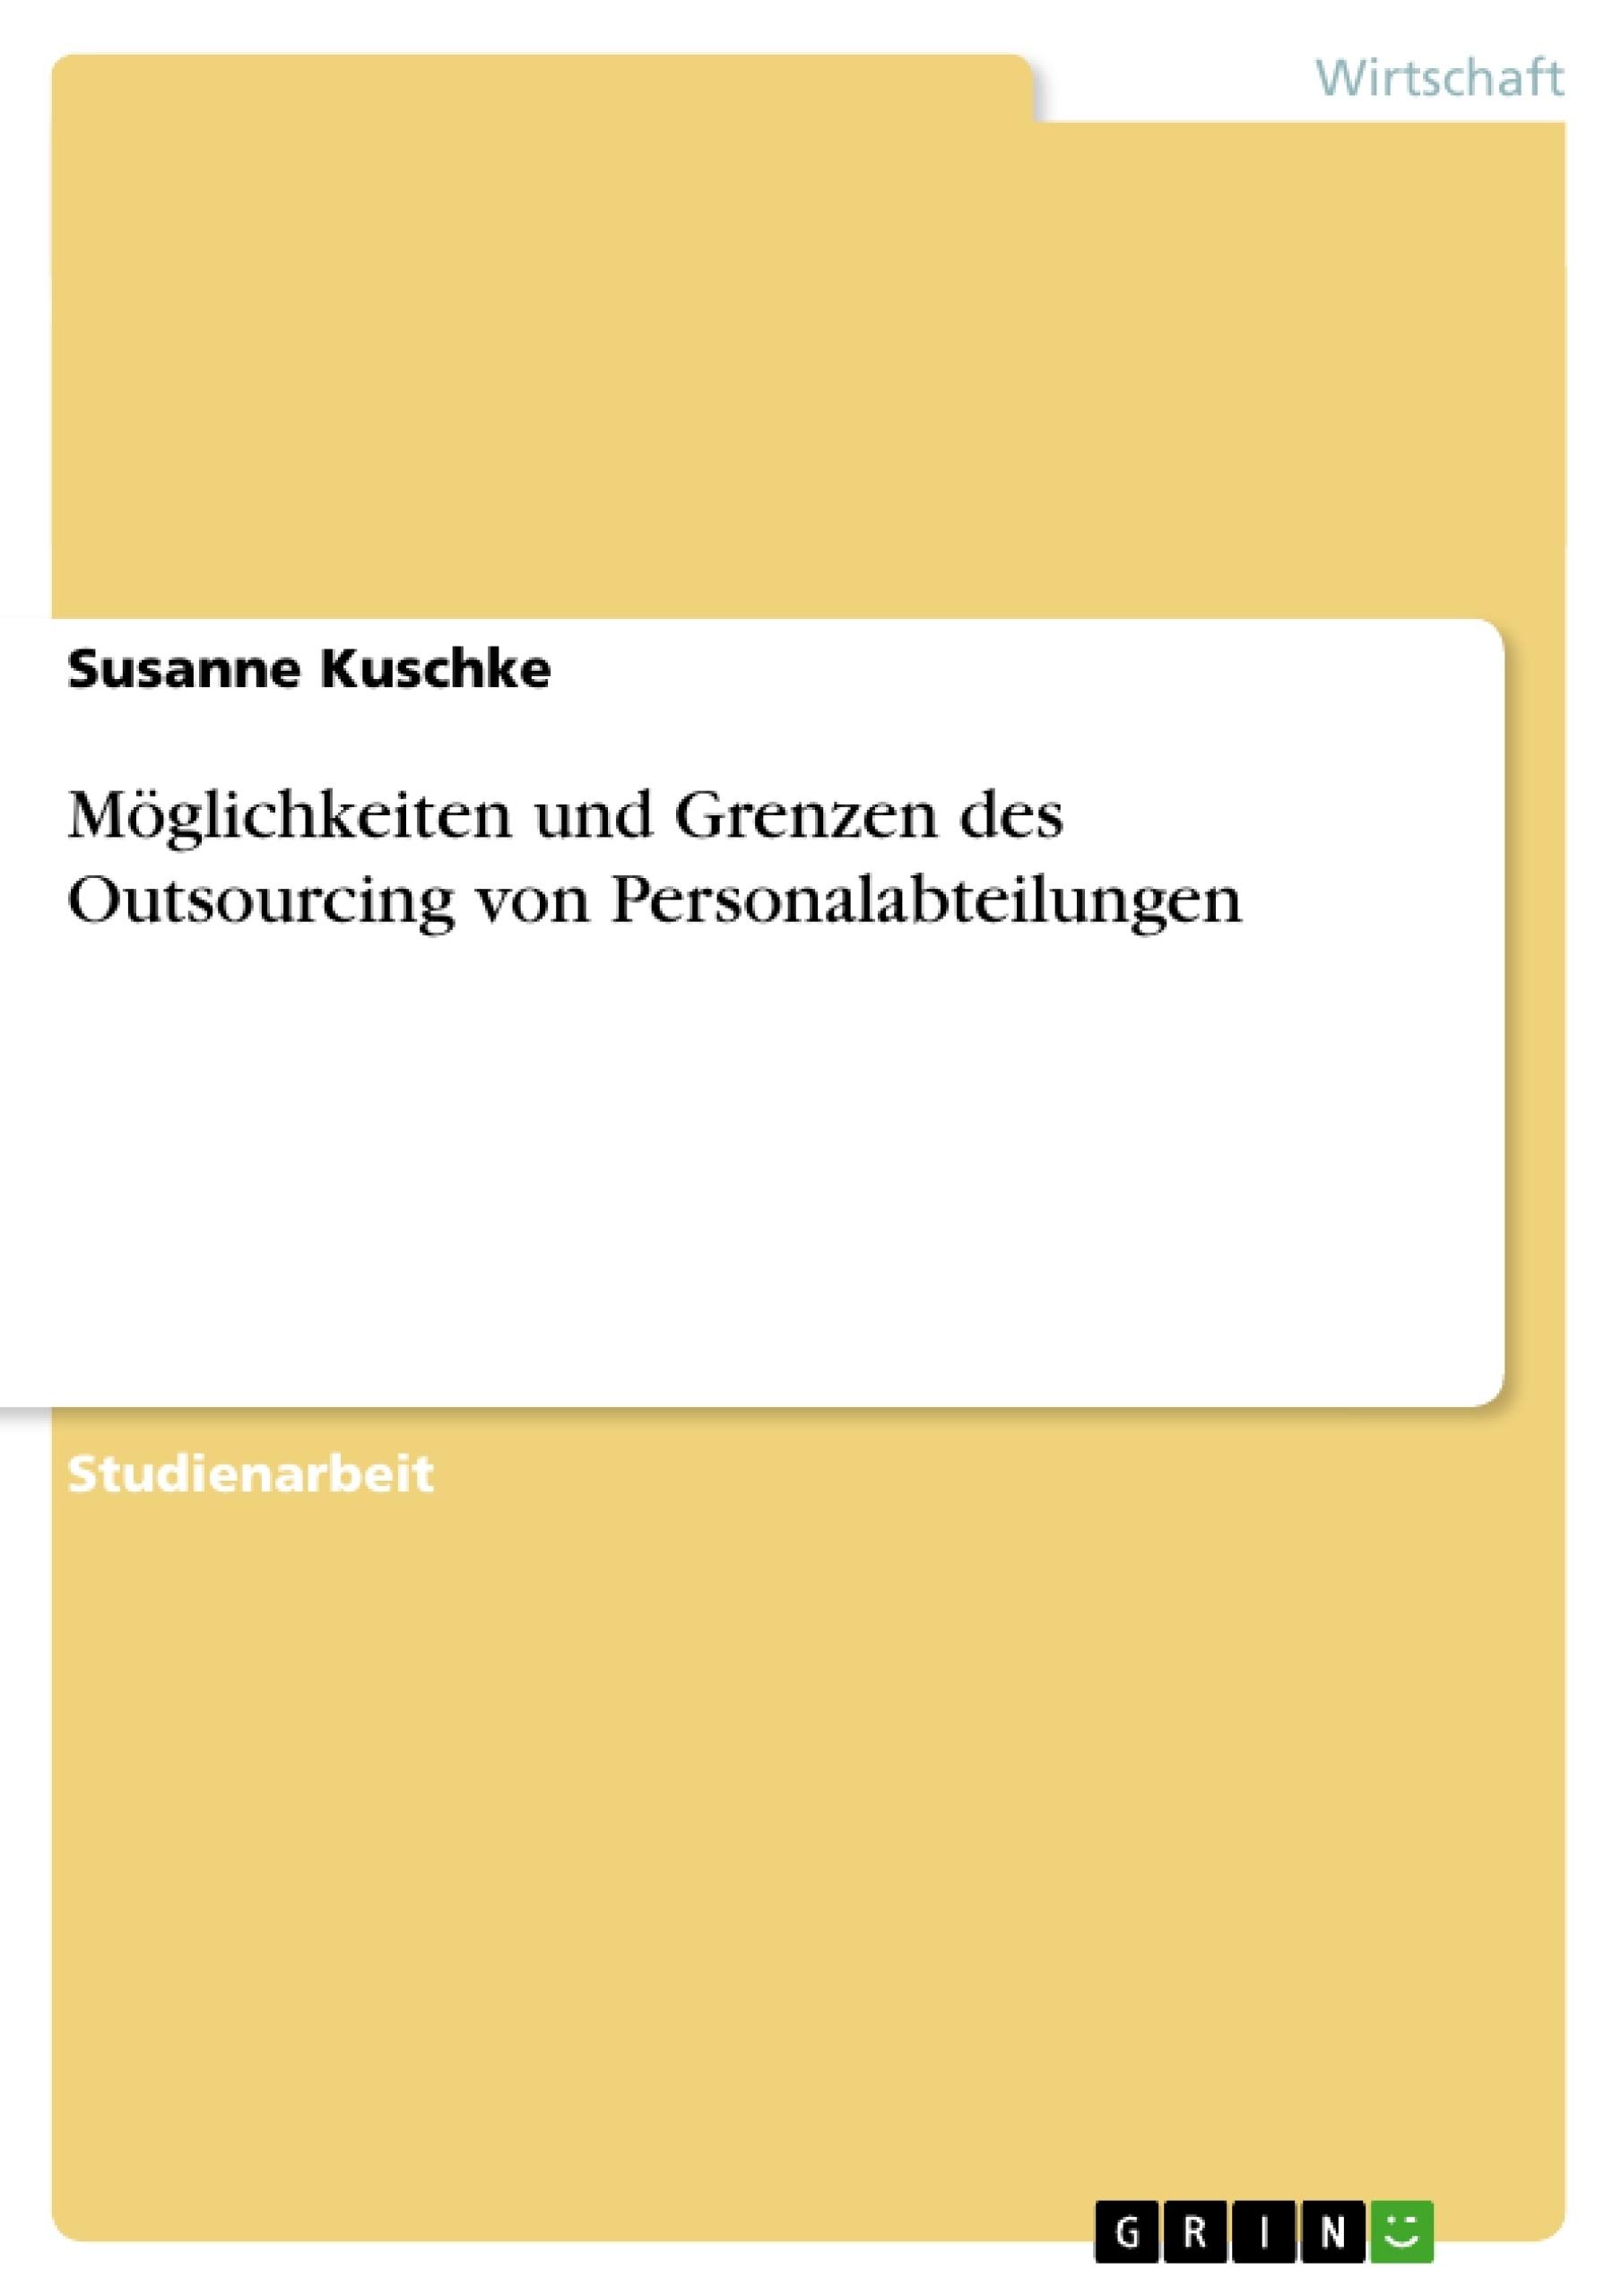 Titel: Möglichkeiten und Grenzen des Outsourcing von Personalabteilungen